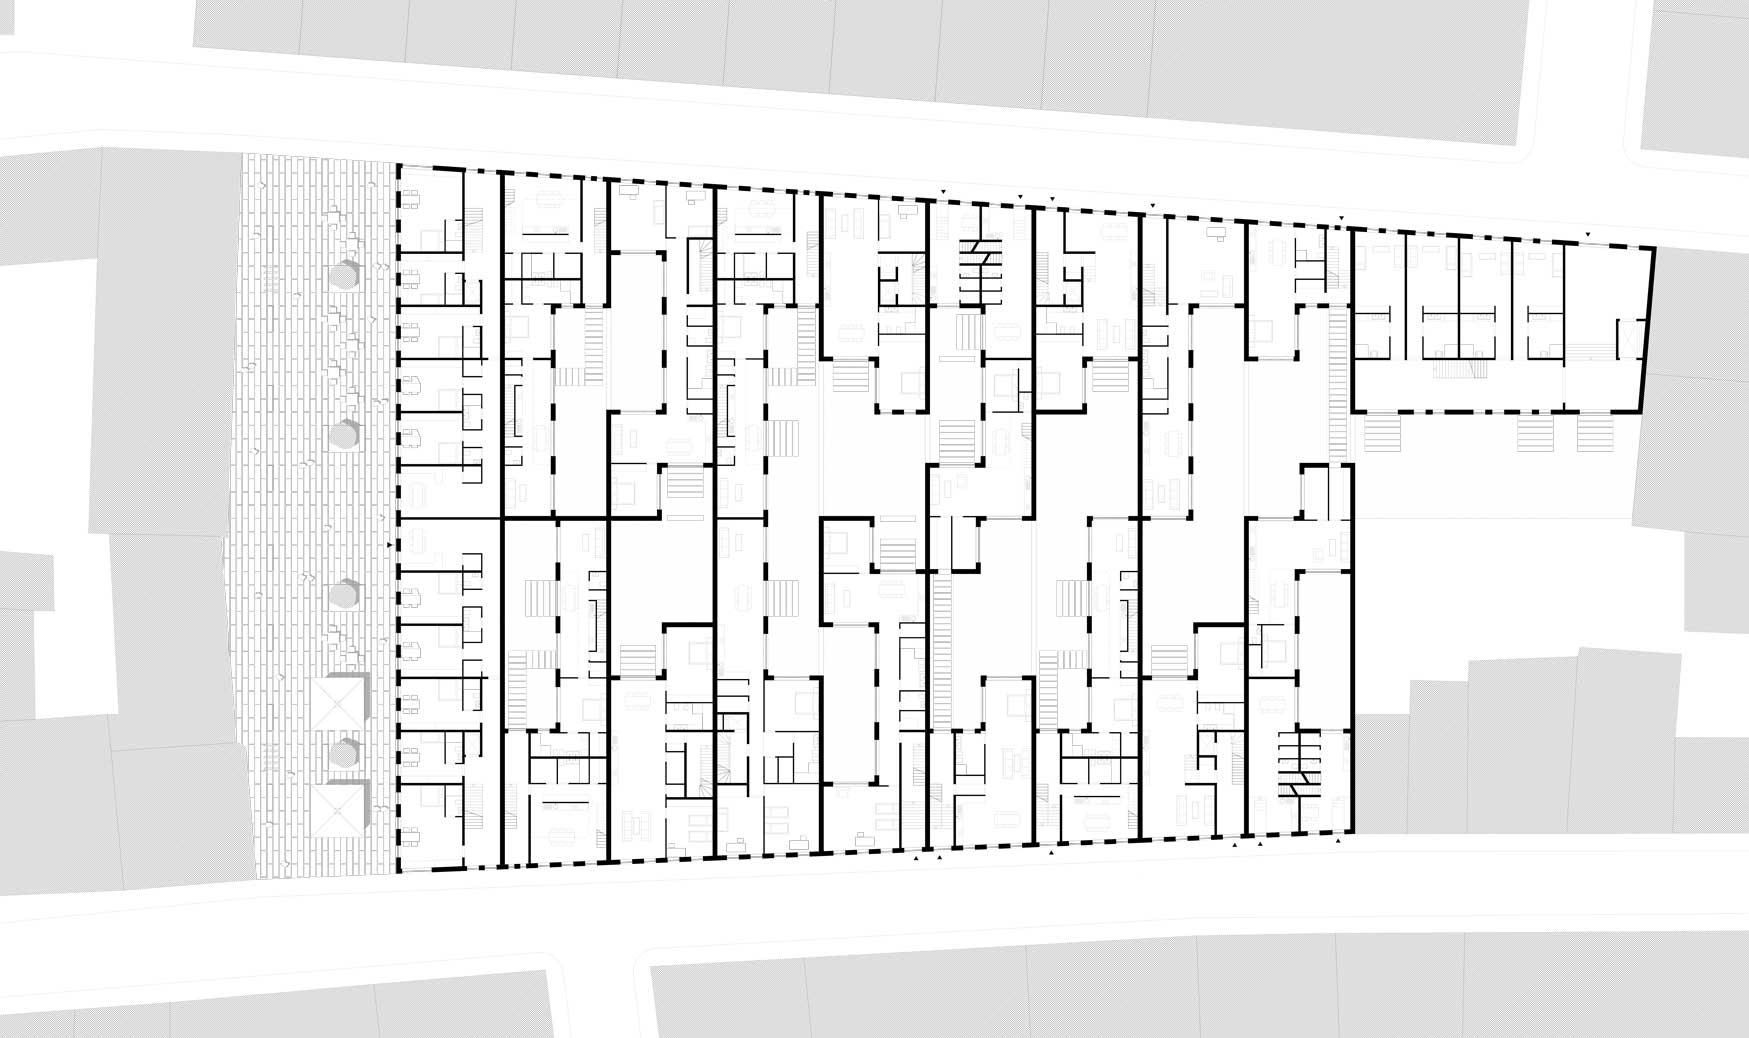 KUBIK Architektur - Studio für Architektur Berlin - architecture - Wettbewerb - Wohnbau - Gruenderzentrum Luebeck - Grundriss